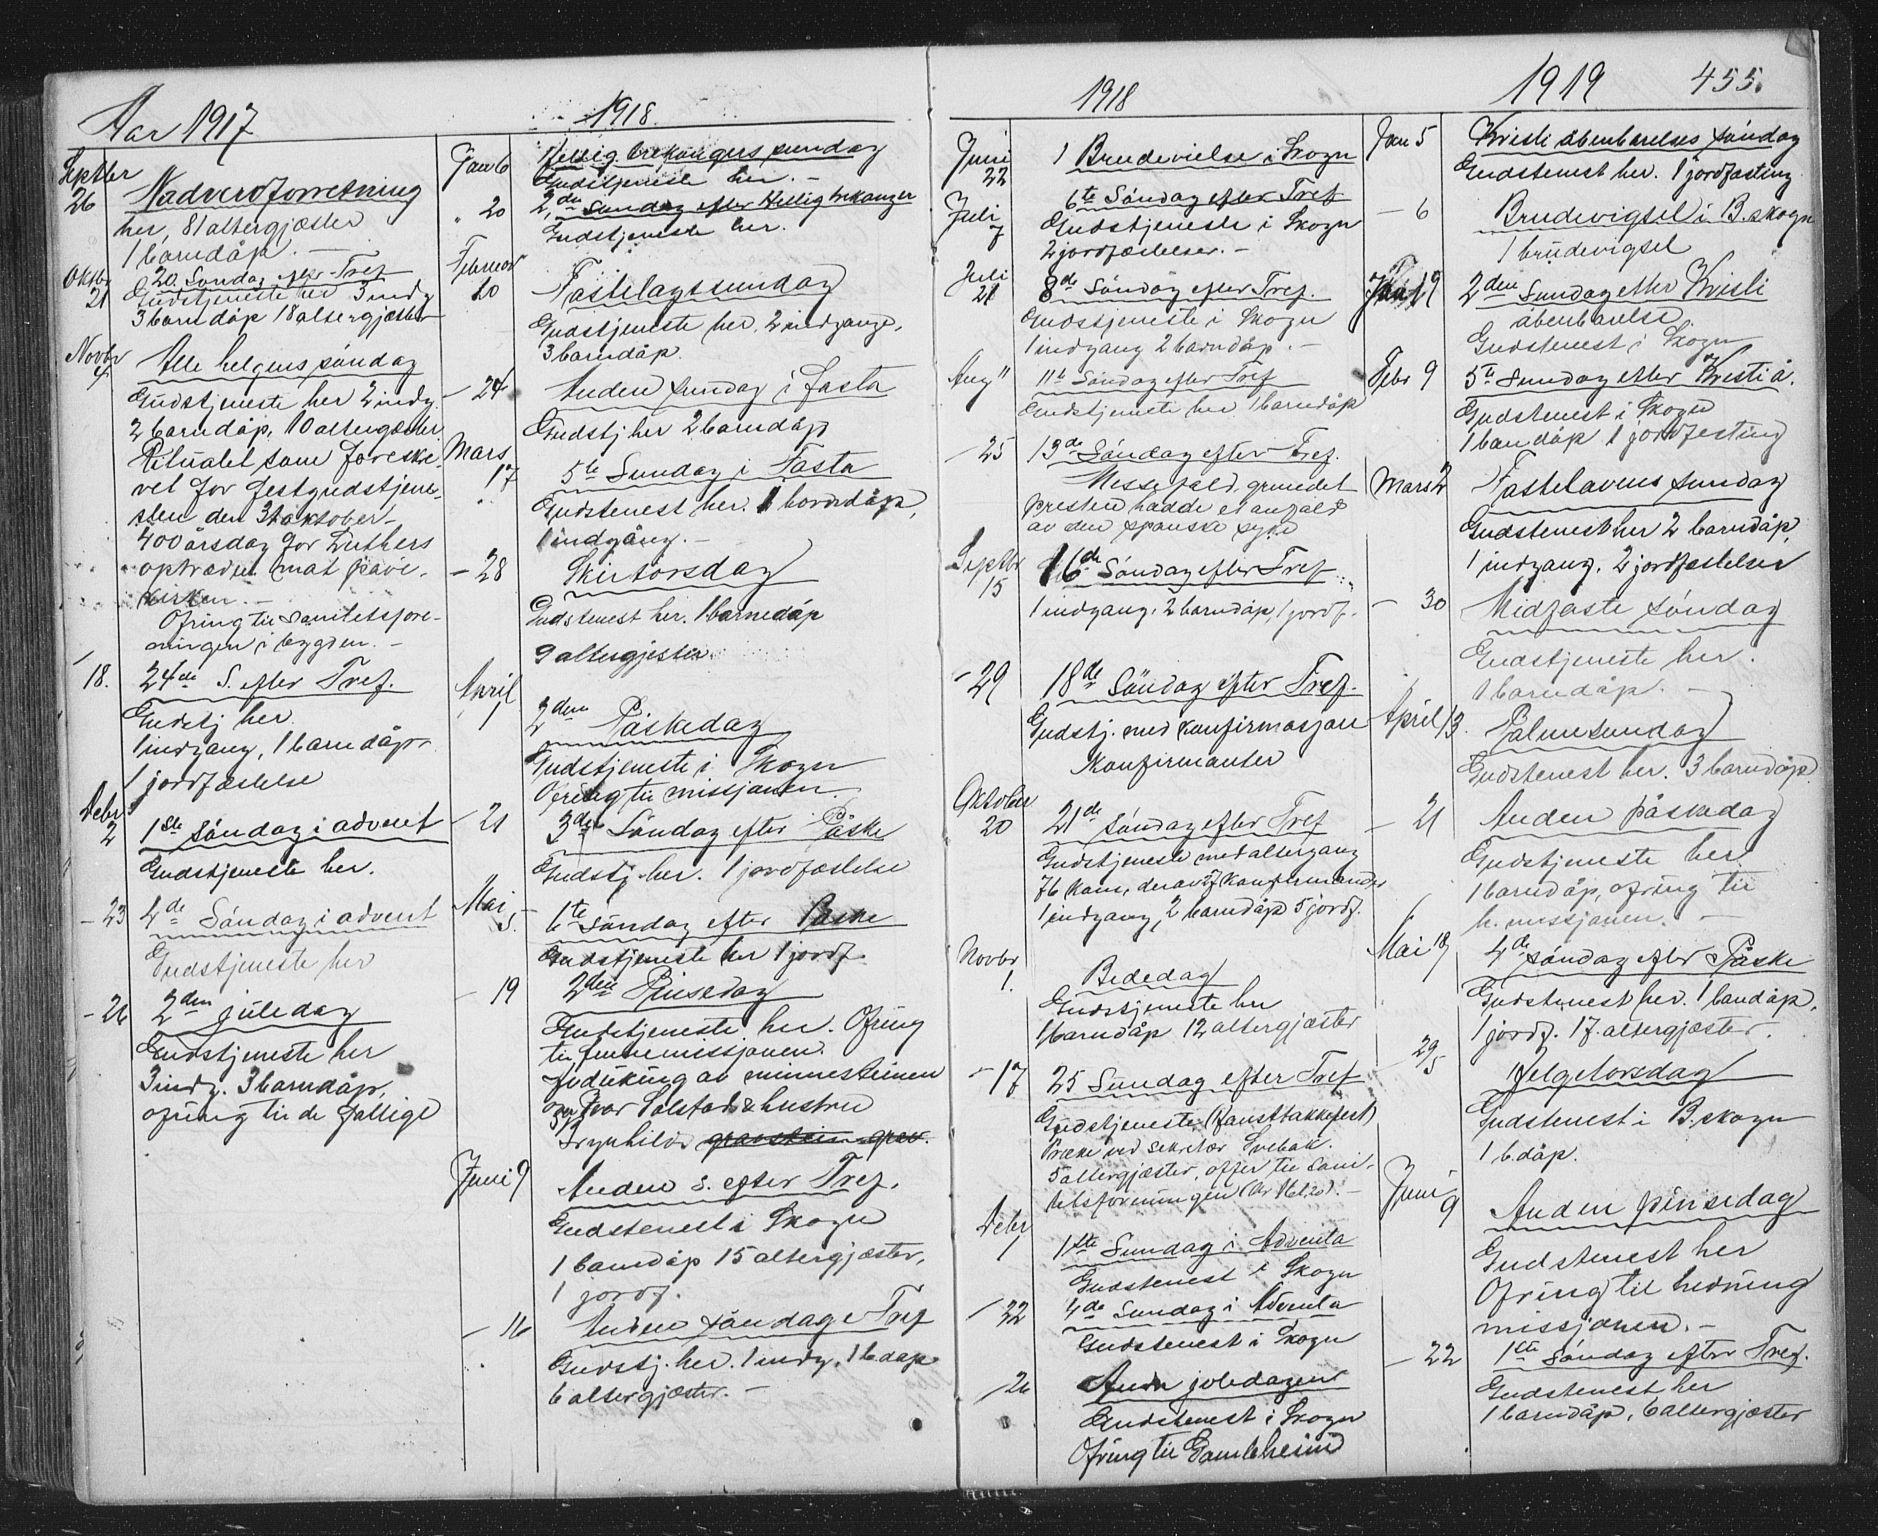 SAT, Ministerialprotokoller, klokkerbøker og fødselsregistre - Sør-Trøndelag, 667/L0798: Klokkerbok nr. 667C03, 1867-1929, s. 455